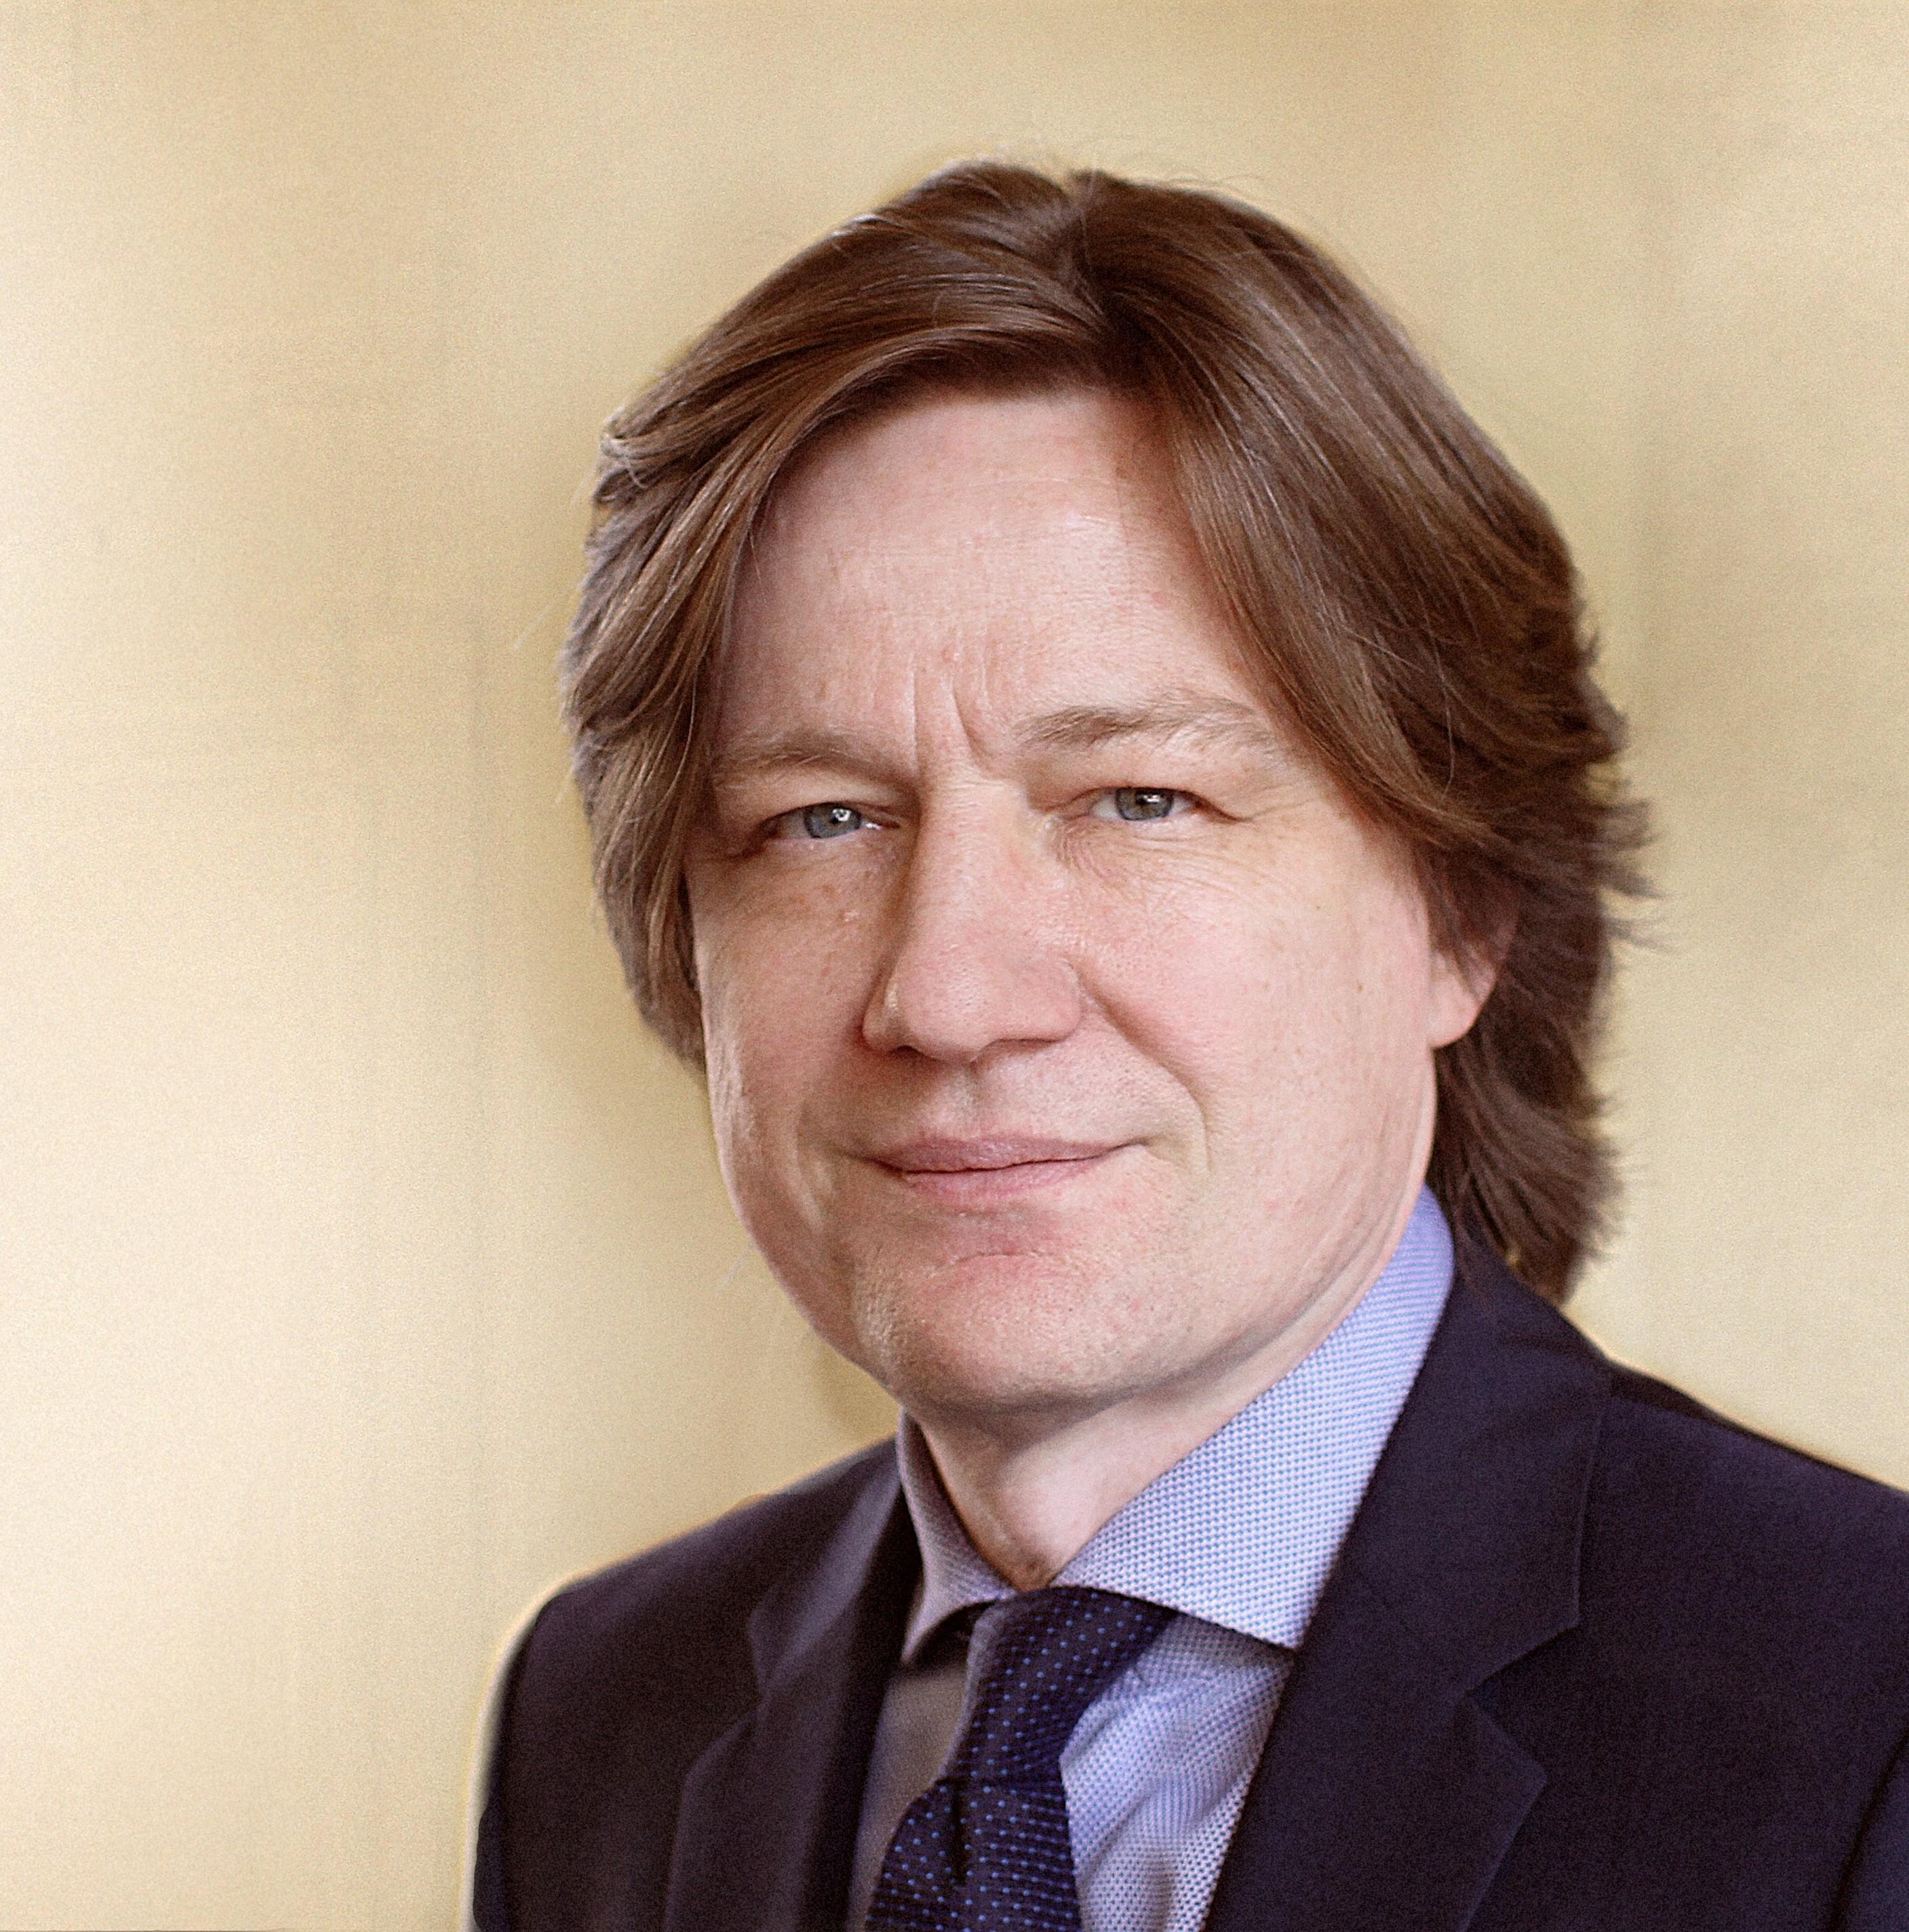 Andreas Pogoda